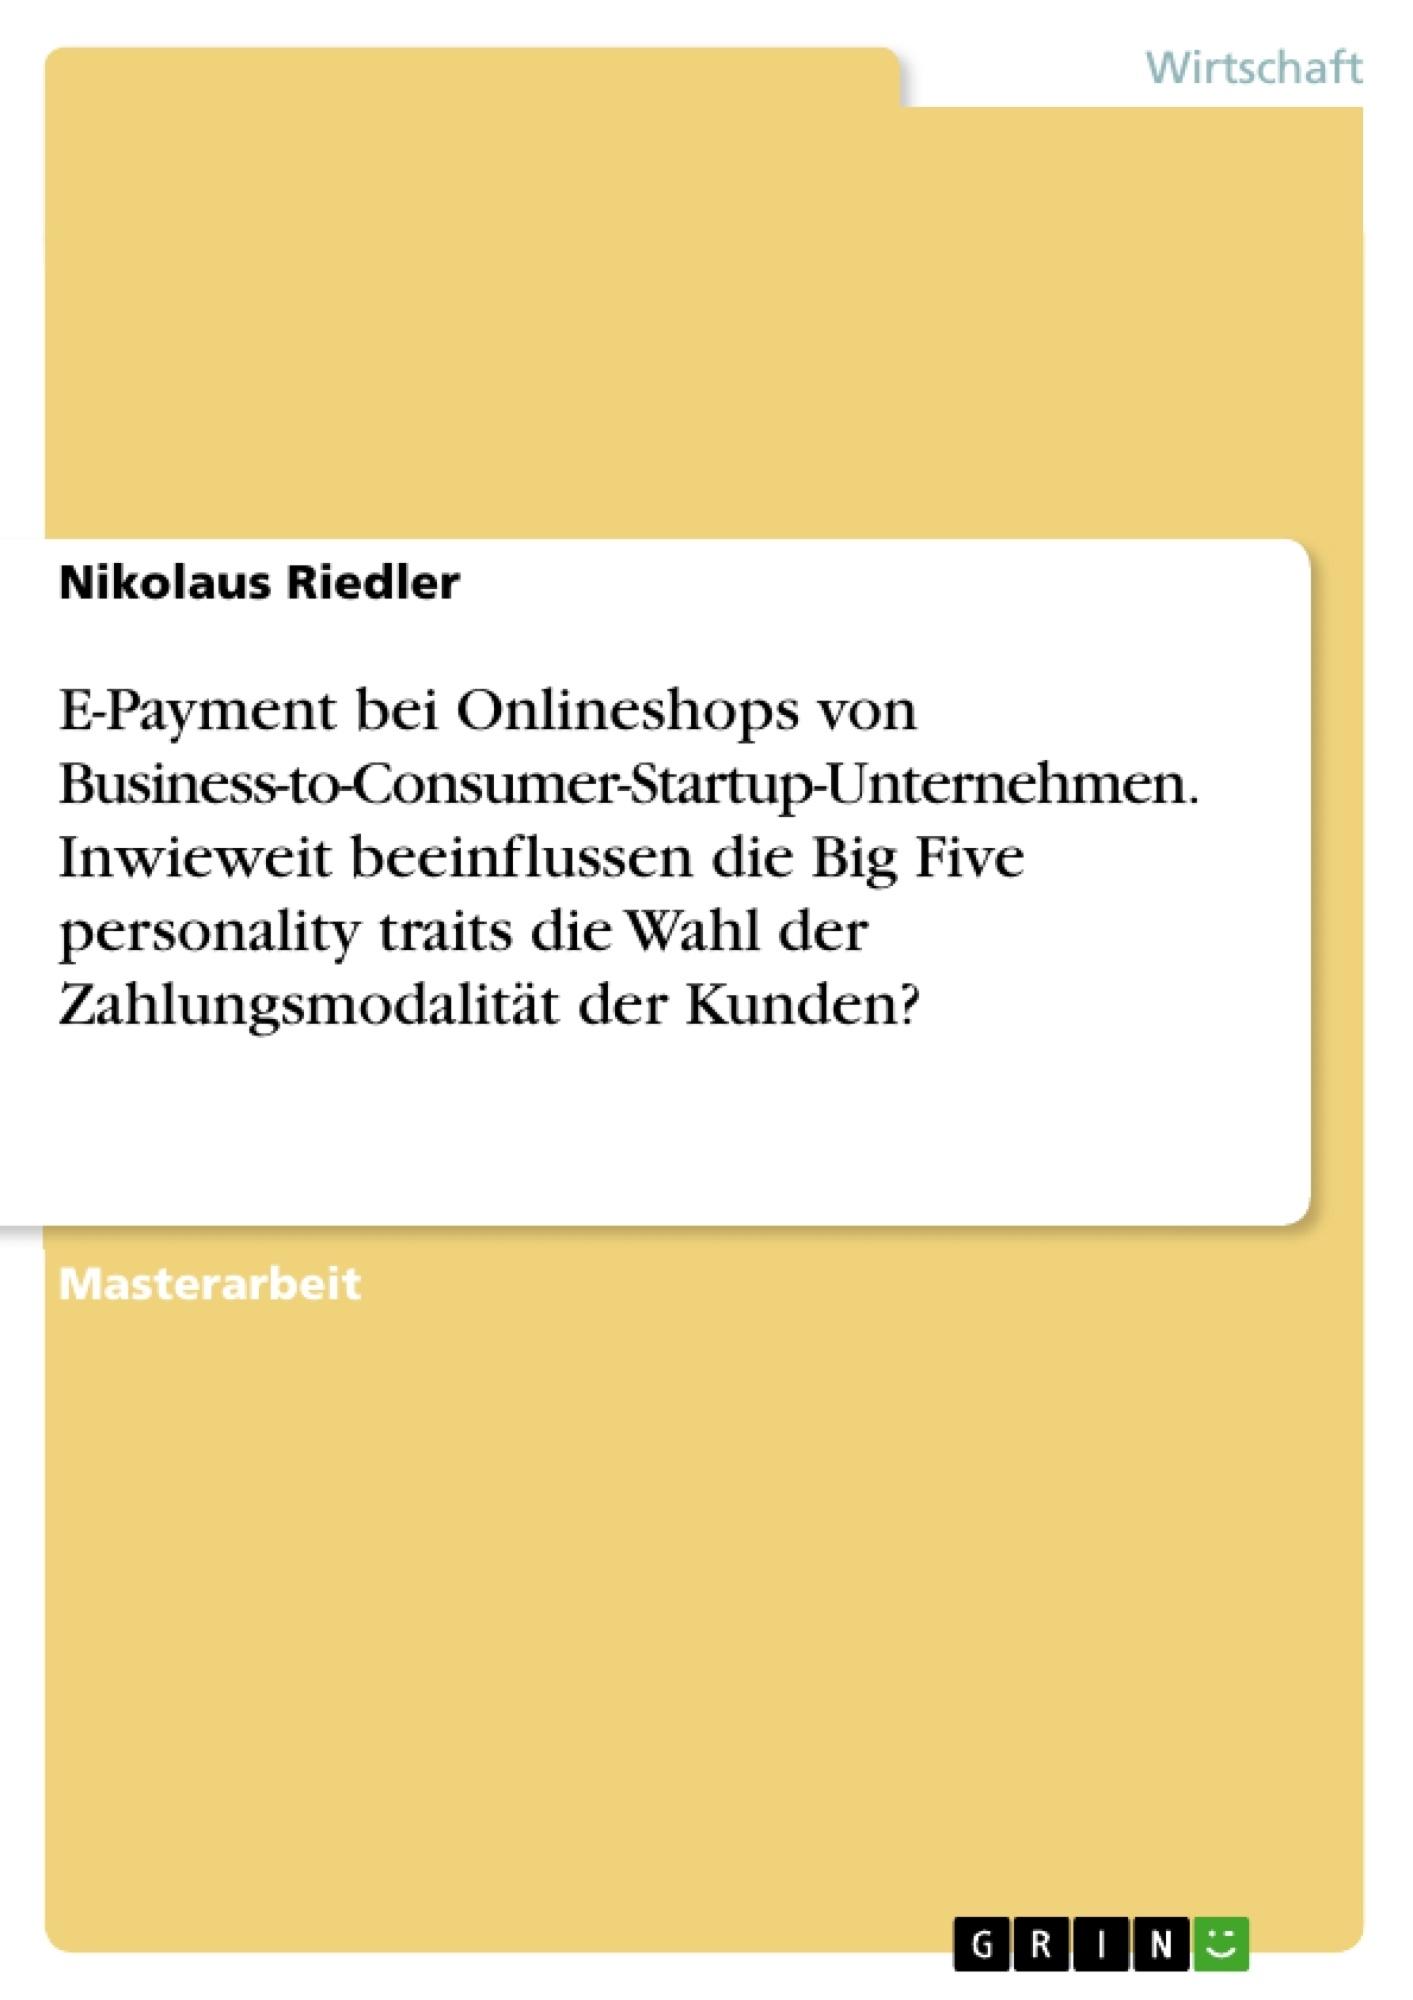 Titel: E-Payment bei Onlineshops von Business-to-Consumer-Startup-Unternehmen. Inwieweit beeinflussen die Big Five personality traits die Wahl der Zahlungsmodalität der Kunden?